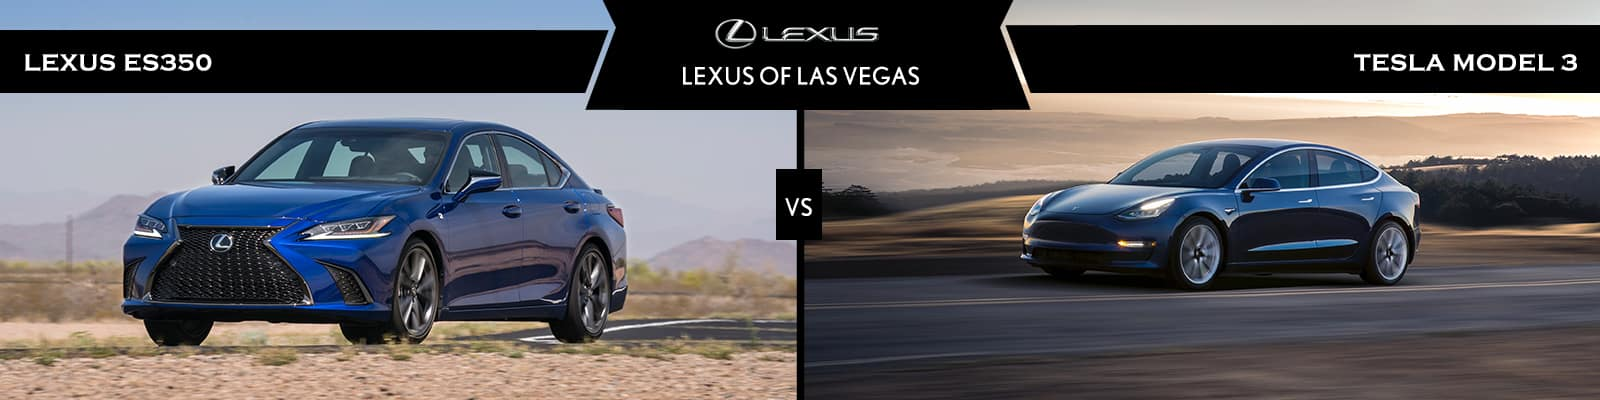 Lexus ES vs Tesla Model 3